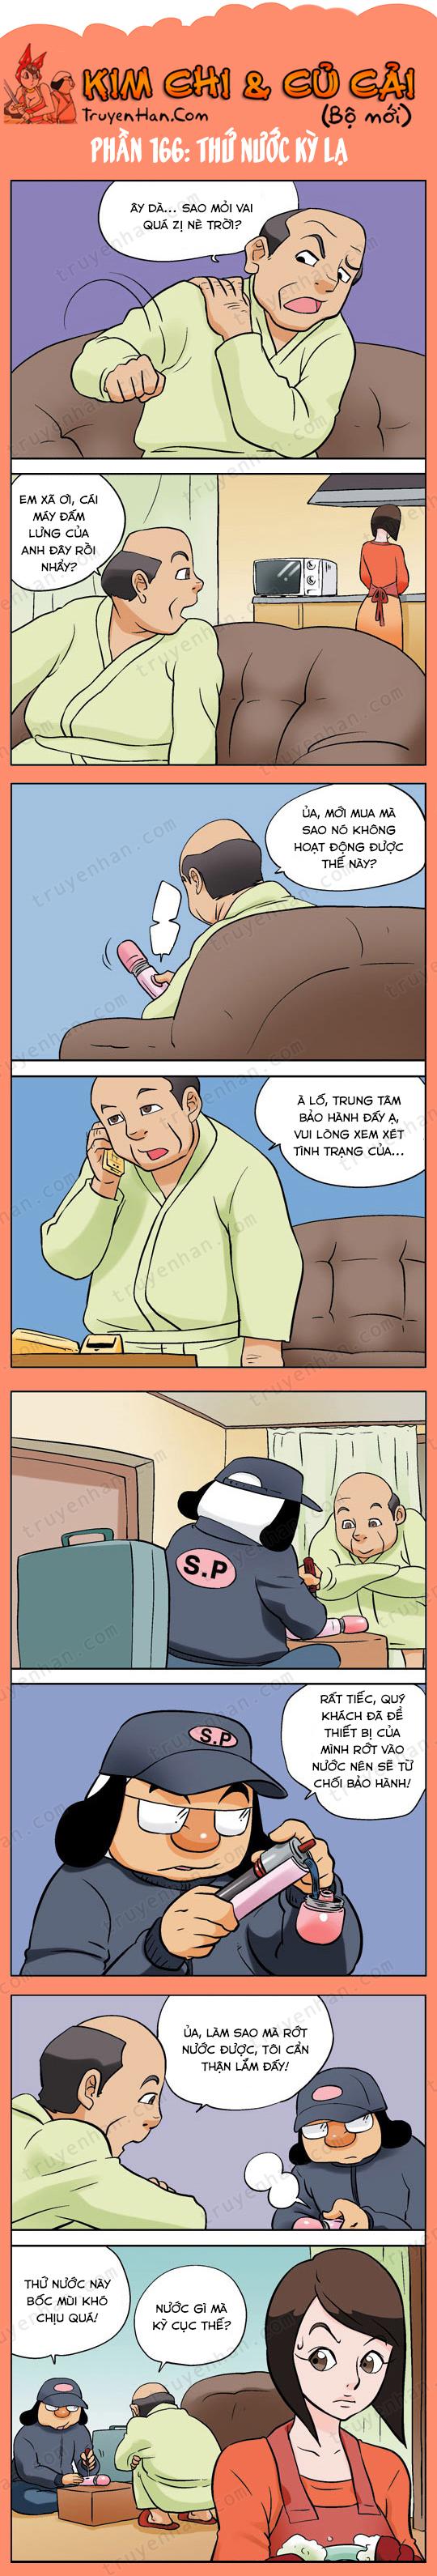 Kim Chi & Củ Cải (bộ mới) phần 166: Thứ nước kỳ lạ